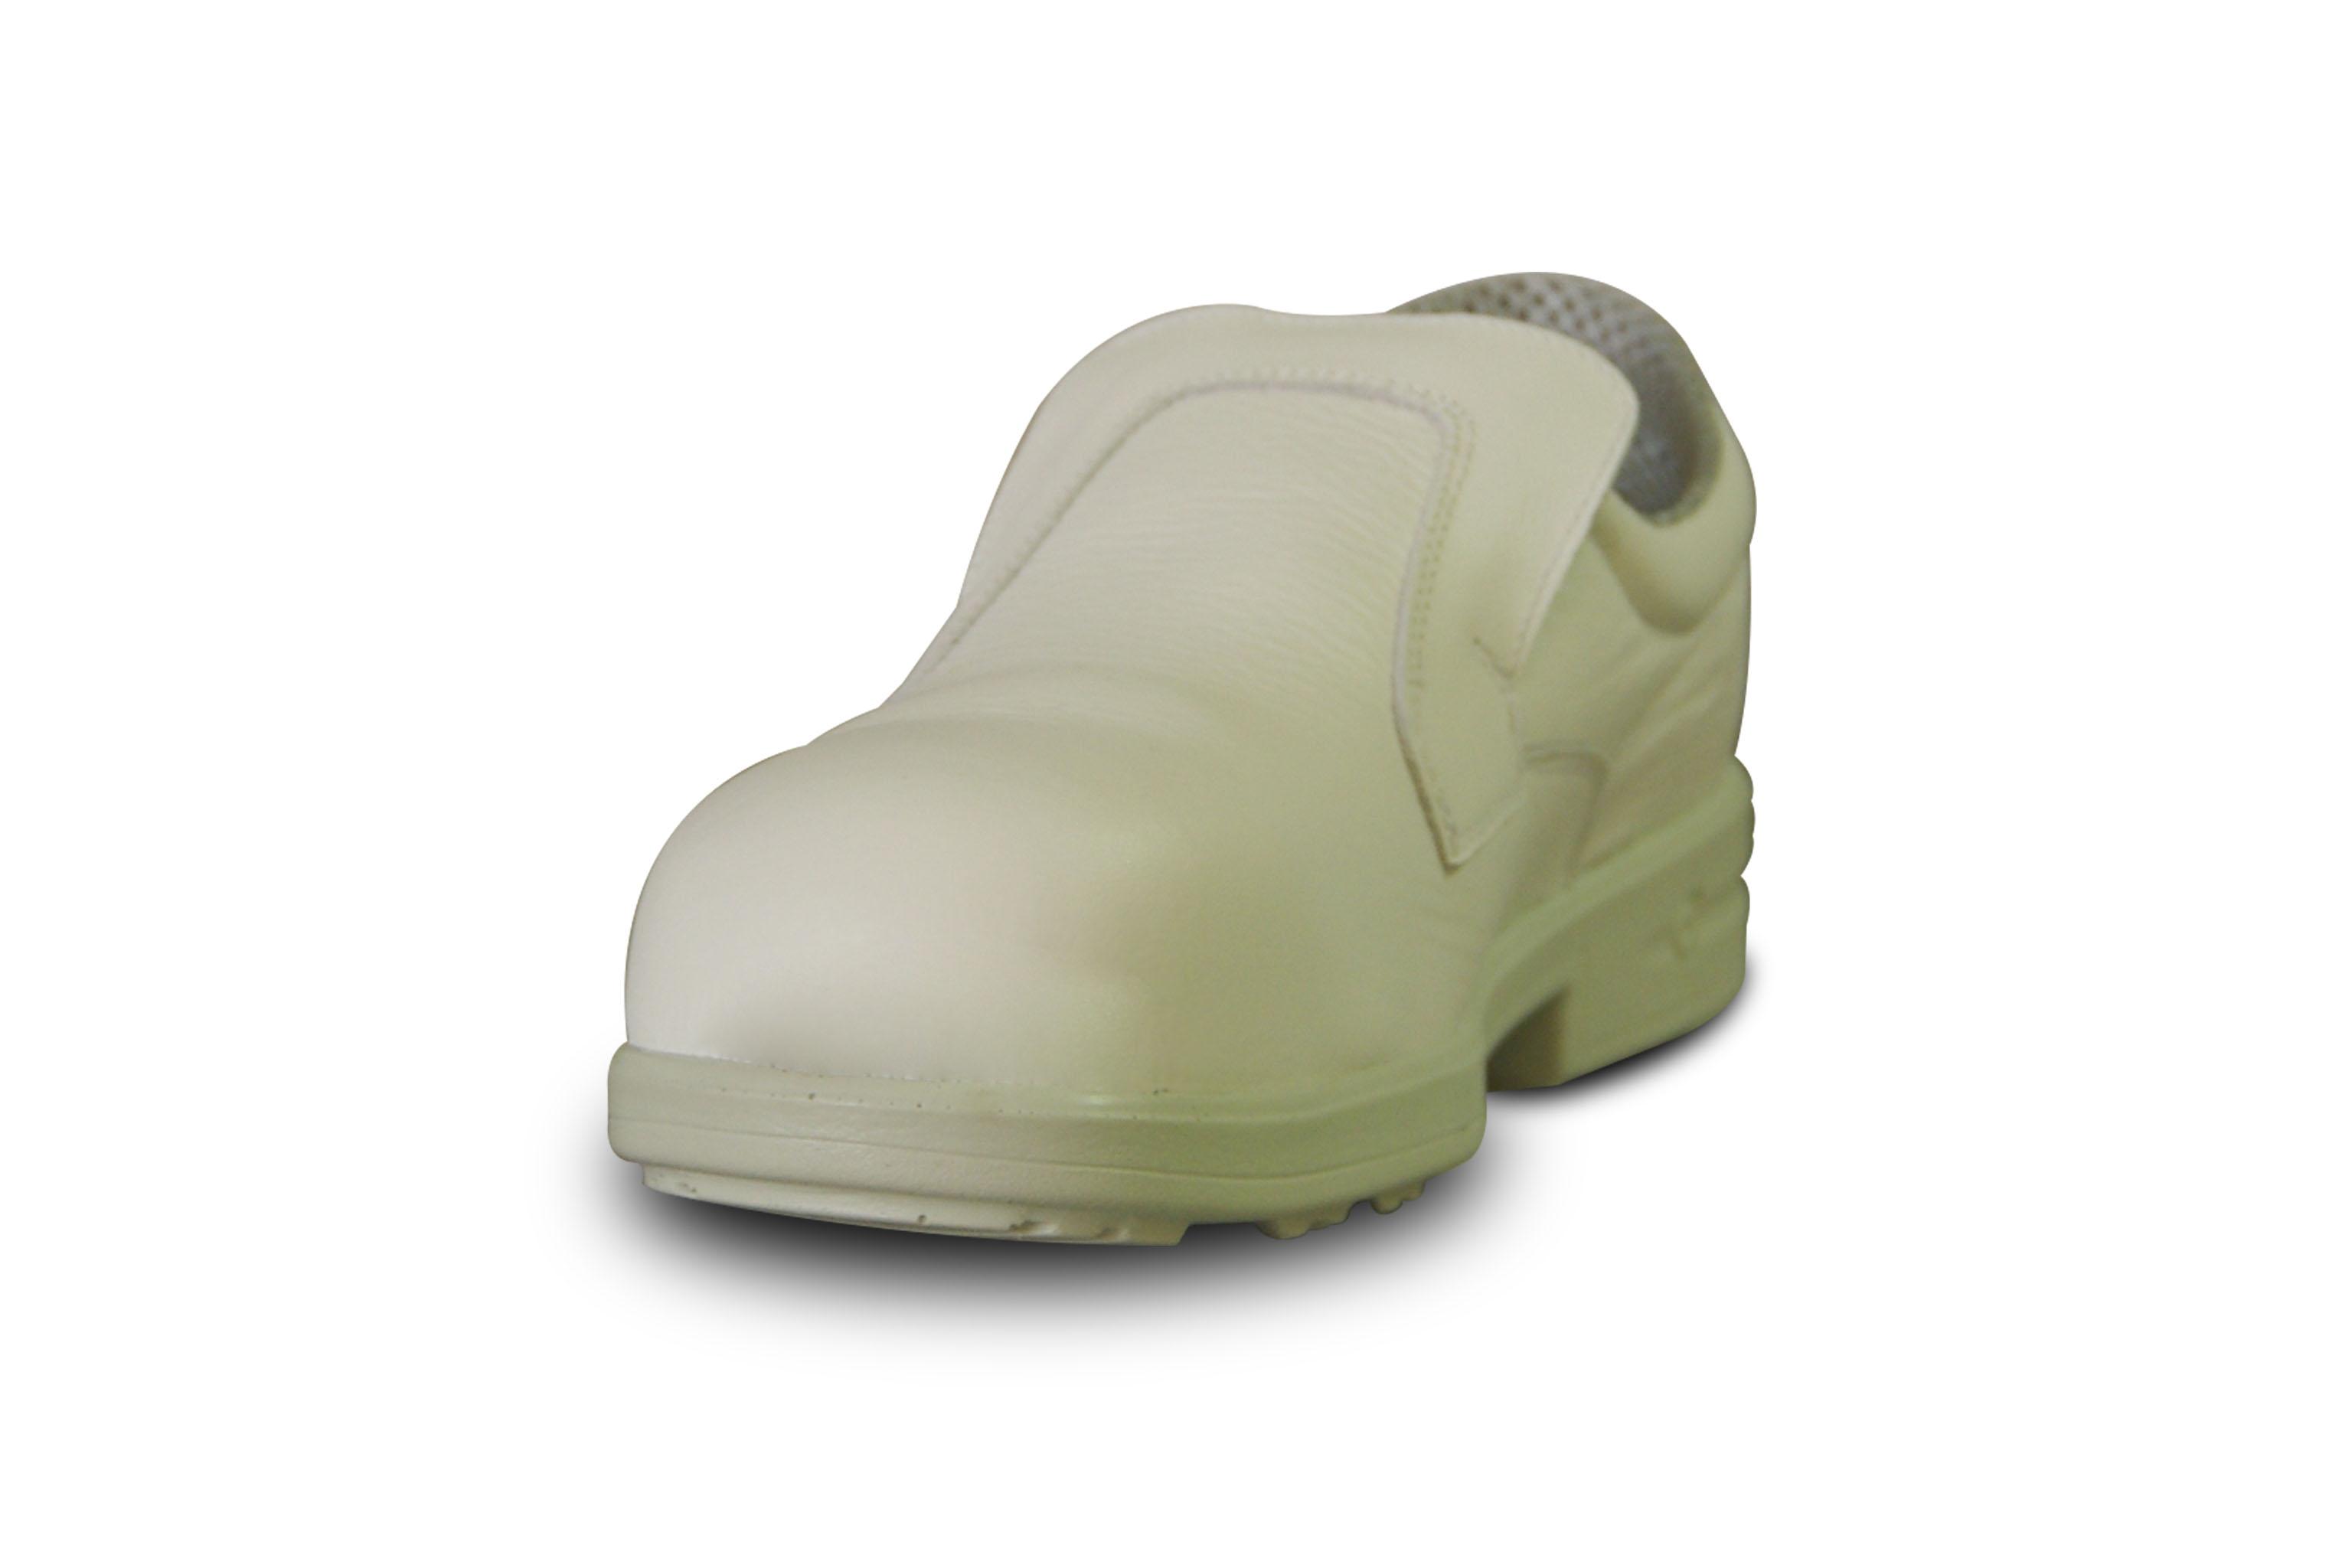 Chaussure de sécurité HORECA répondants aux norme européennes S2